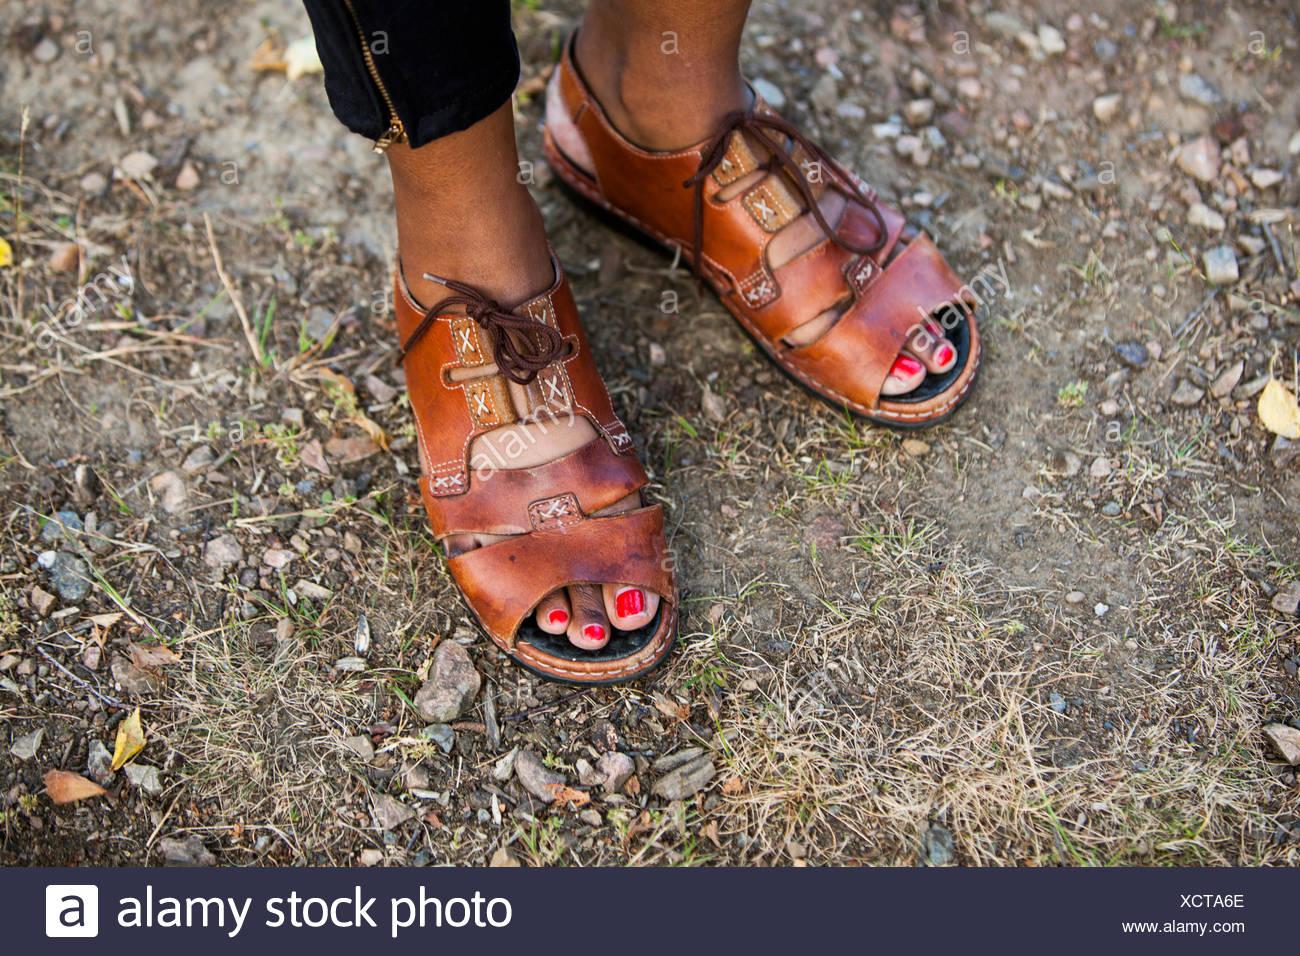 Geringen Teil der Frau auf Schmutz land Stockbild